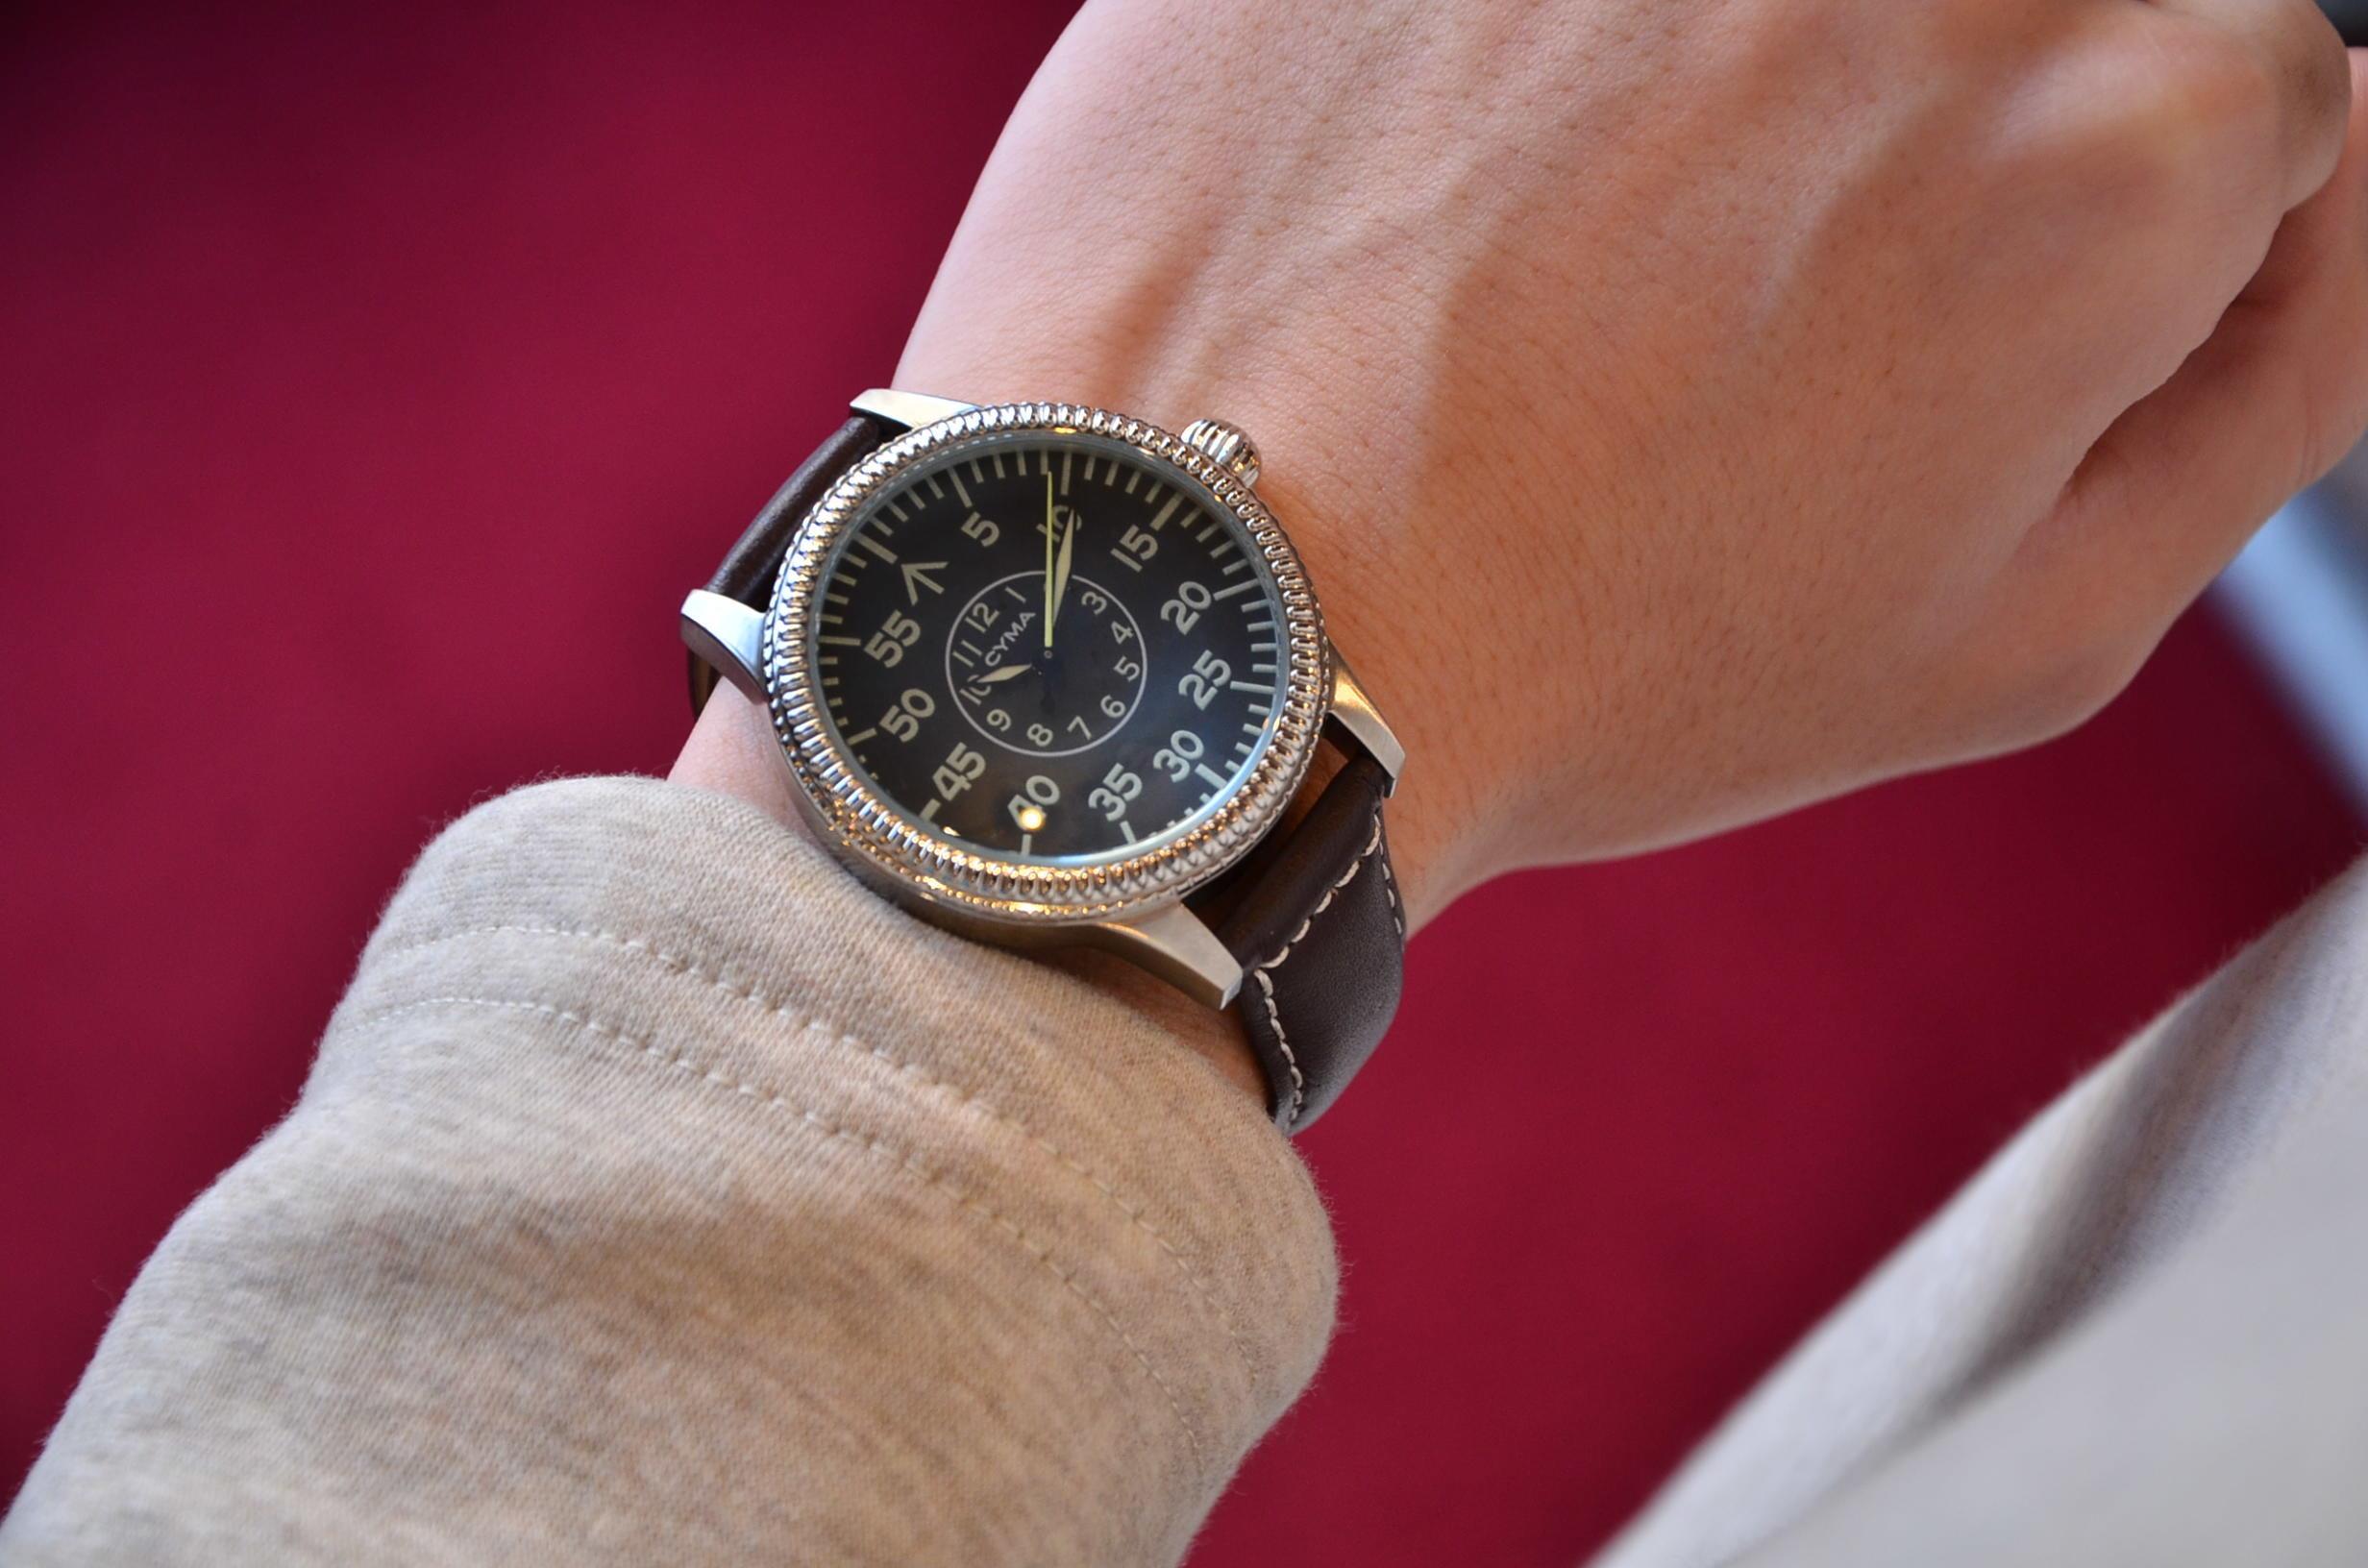 クリスマスギフトにも最適な腕時計_c0167336_15375346.jpg